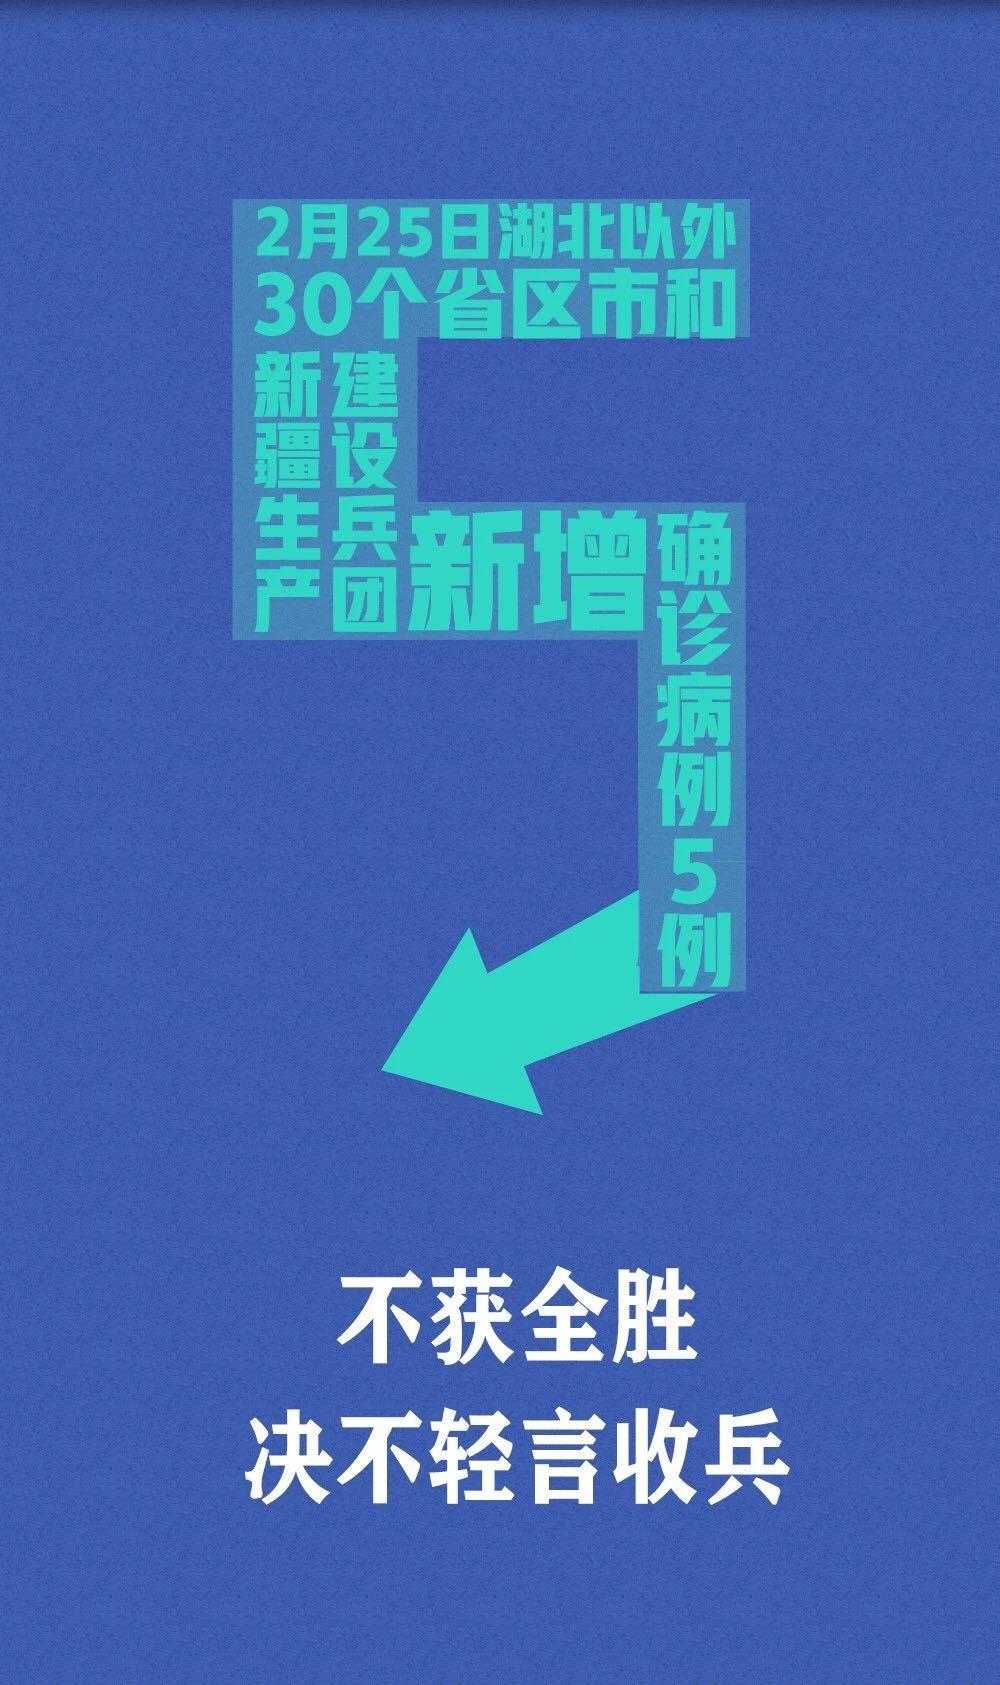 北京思路智园科技有限公司制定复工应急防控方案